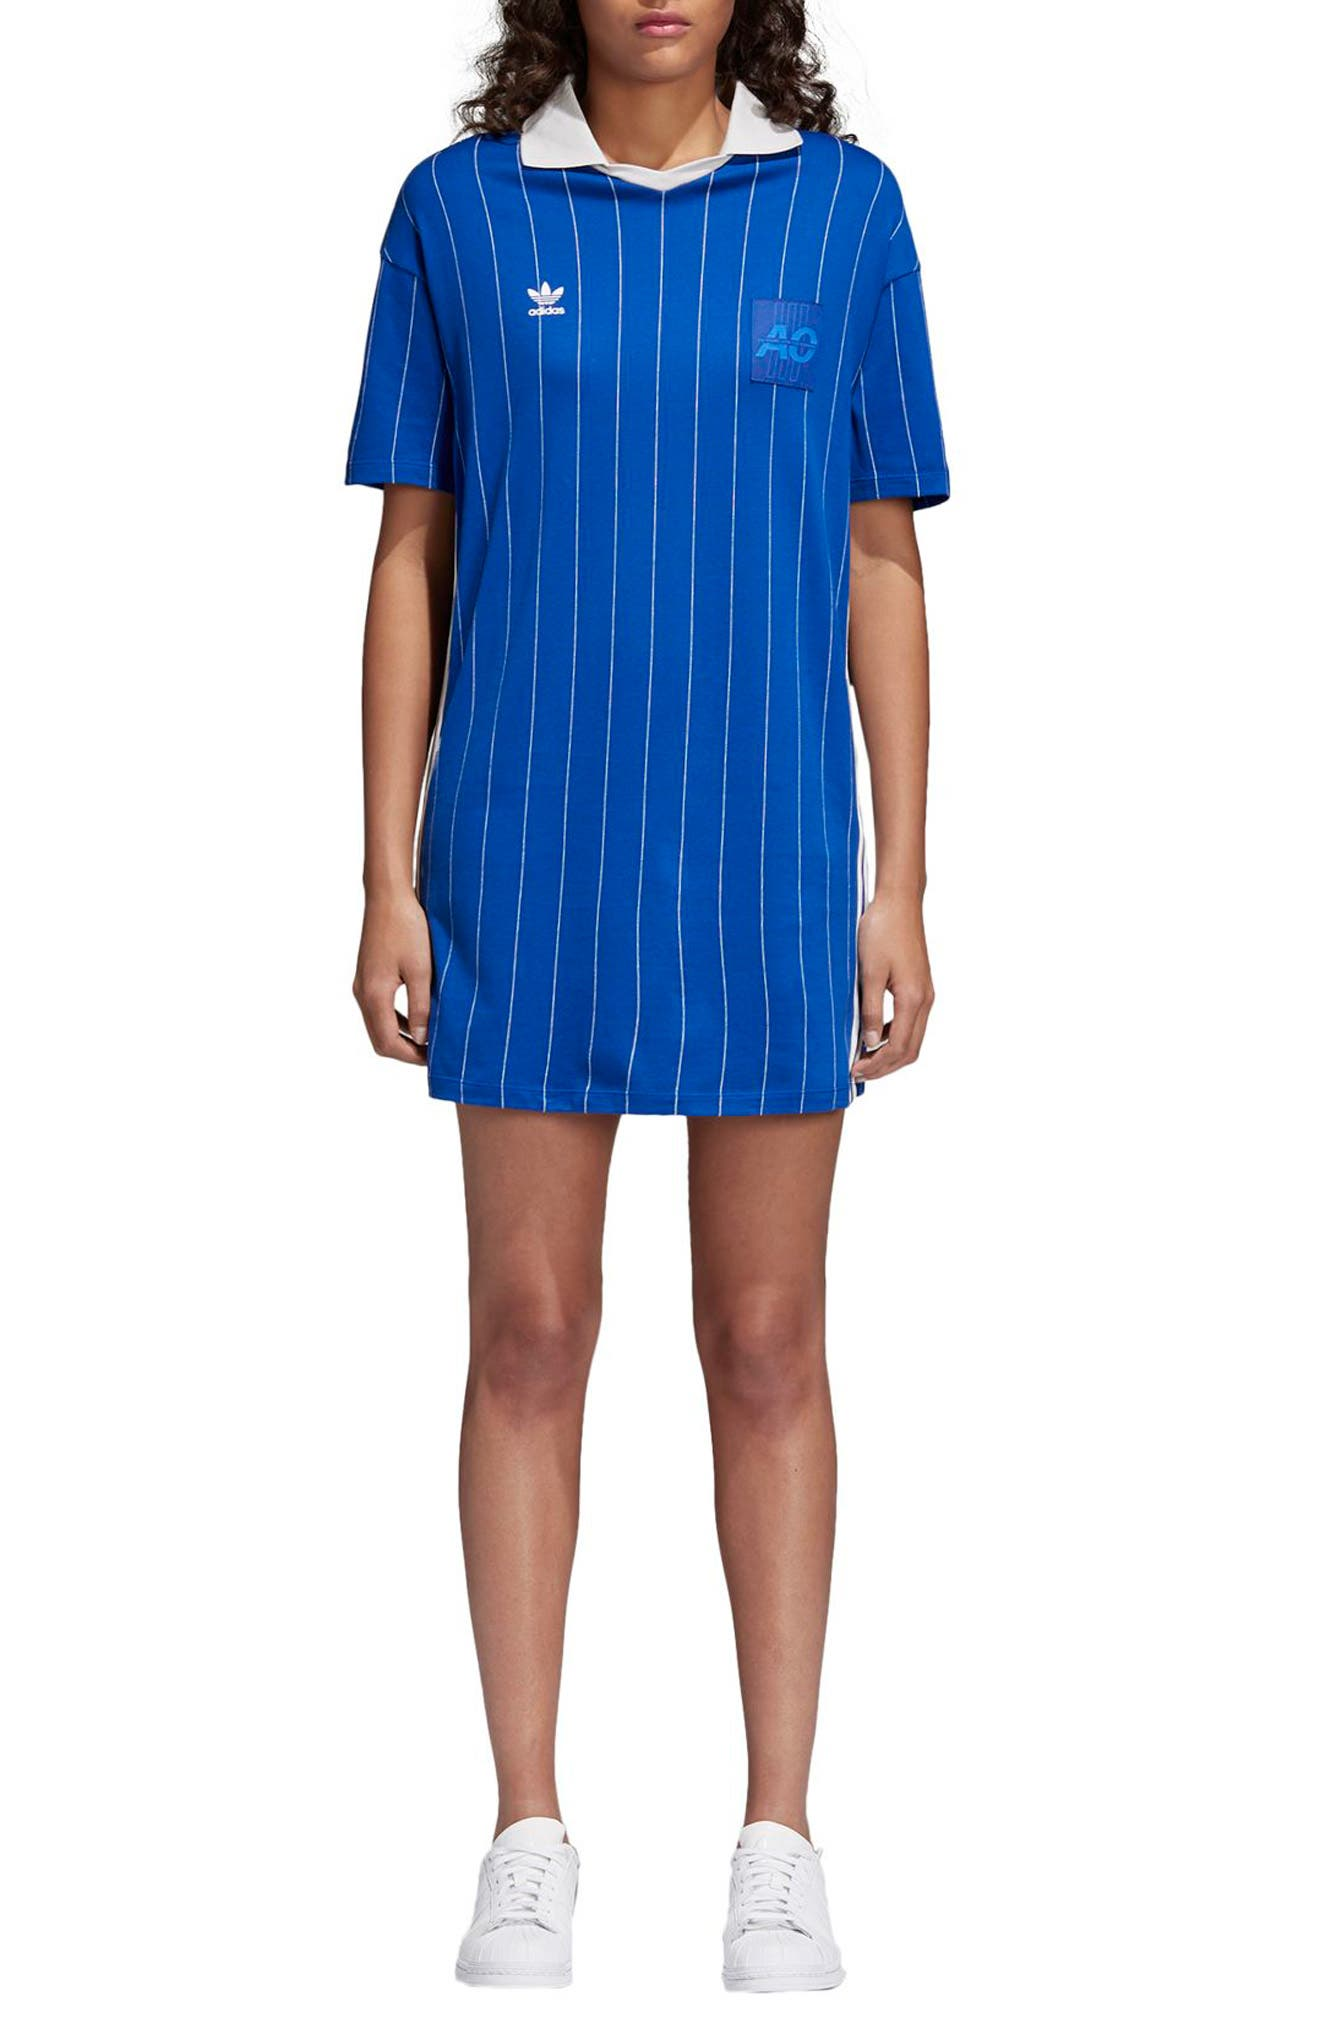 Originals Fashion League Retro Dress,                         Main,                         color,